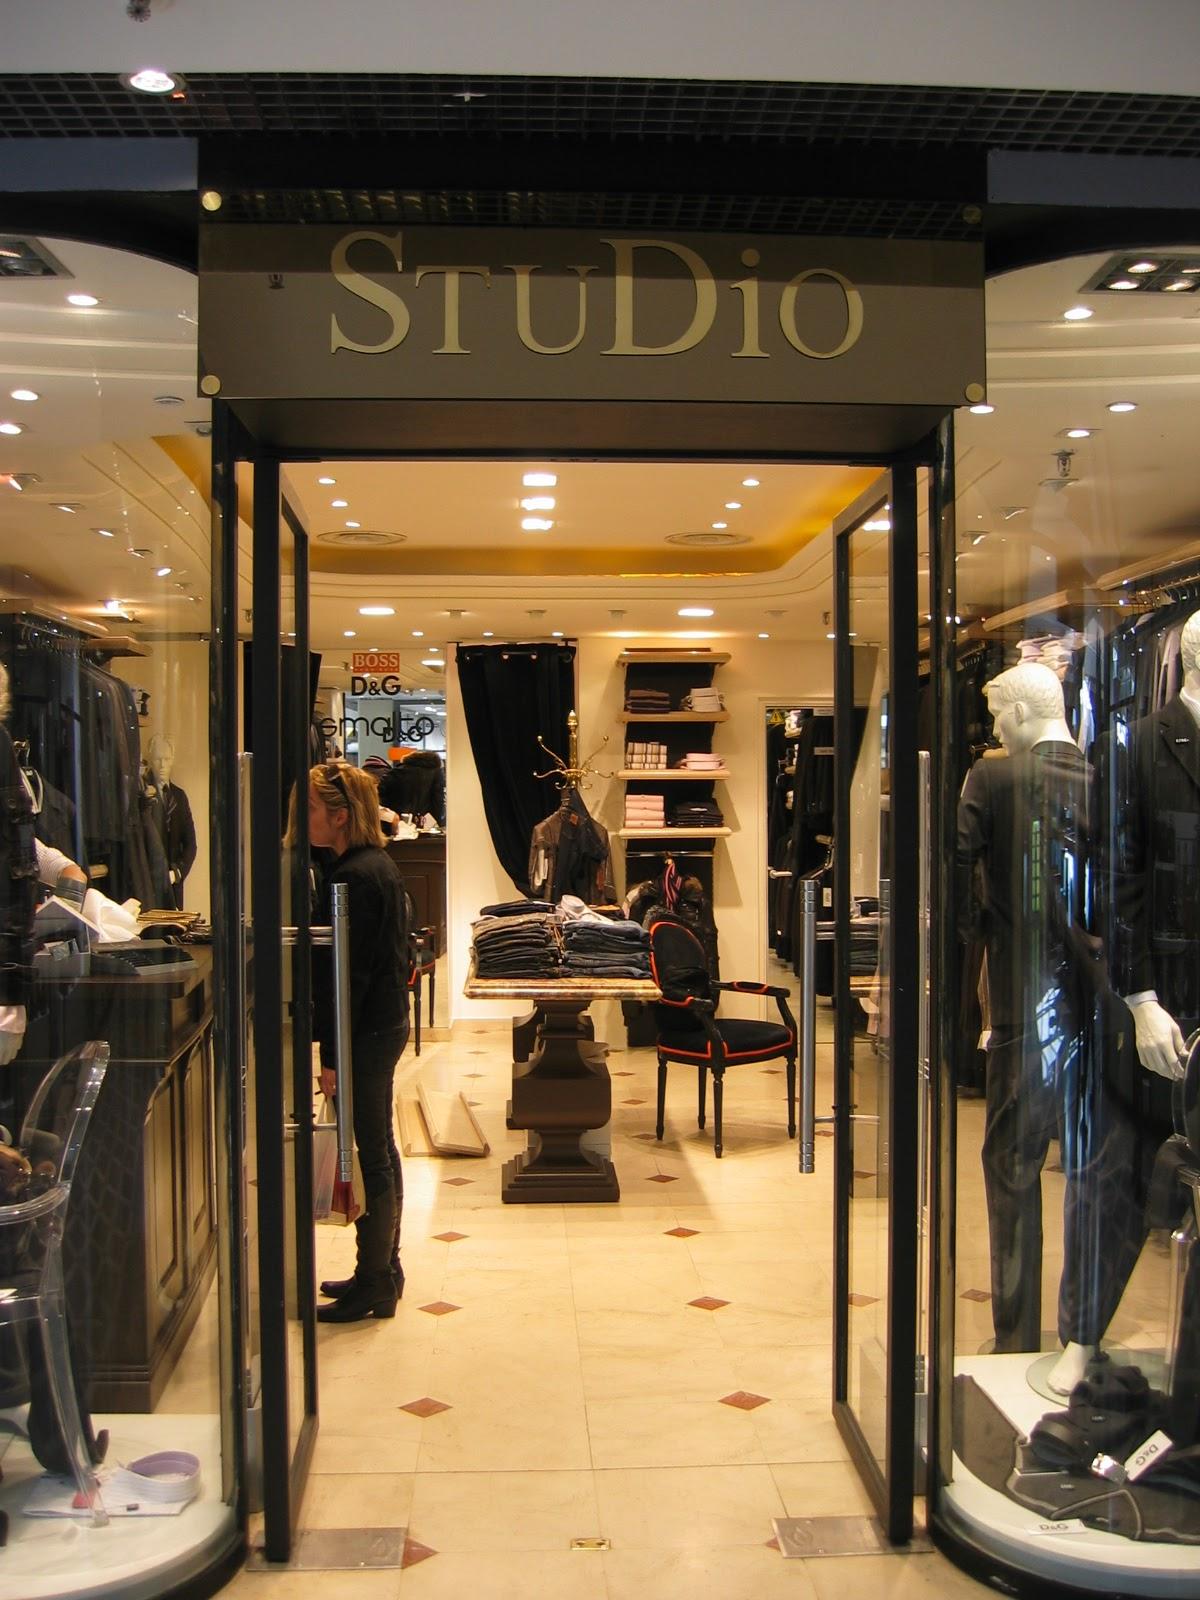 enseigne en laiton de la boutique studio by mario palazzi les galeries saint germain en laye. Black Bedroom Furniture Sets. Home Design Ideas